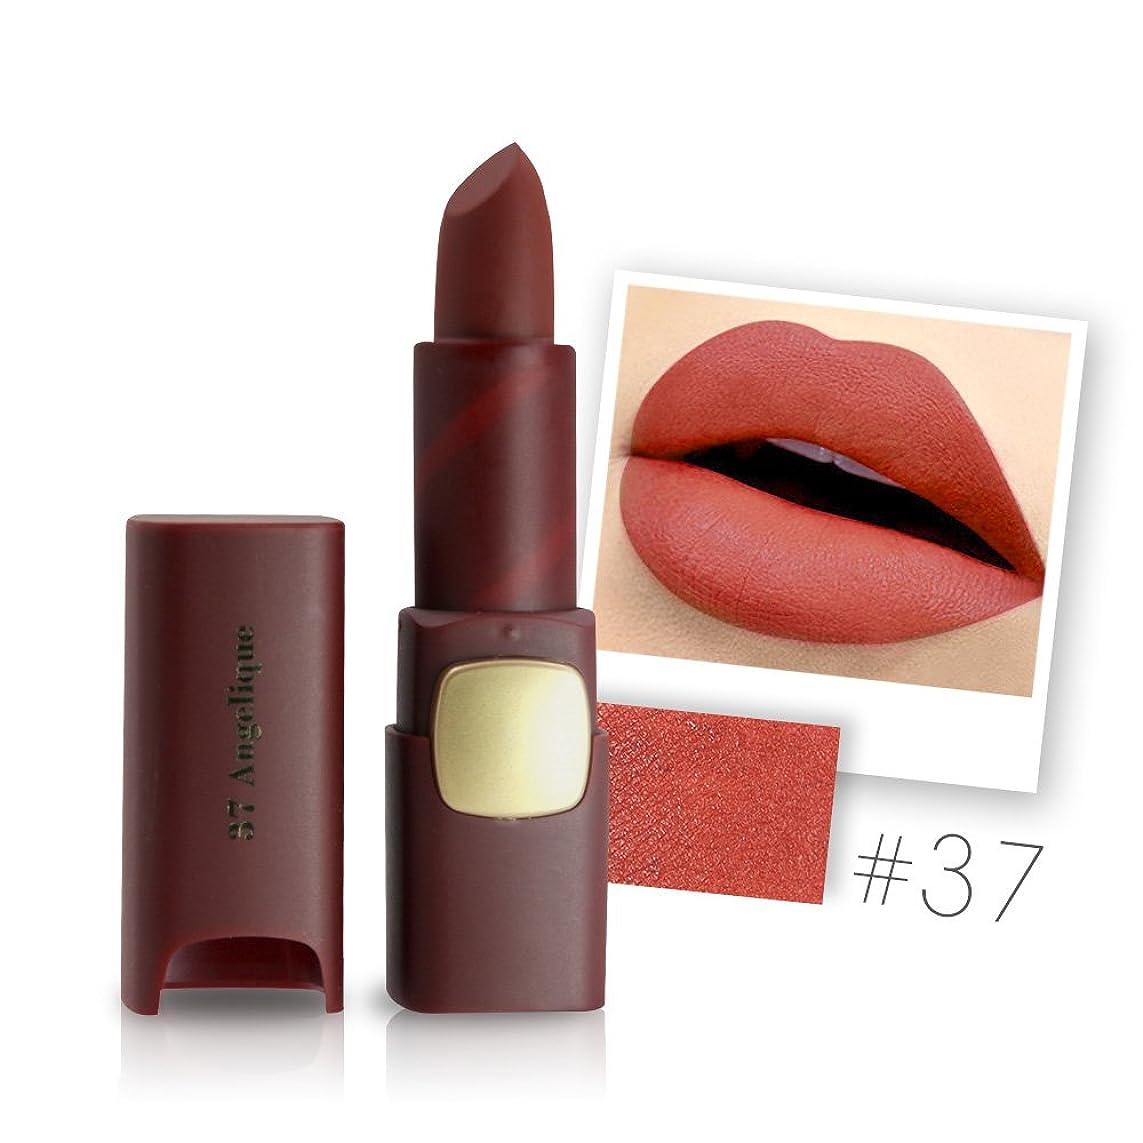 自分のテセウス送ったMiss Rose Brand Matte Lipstick Waterproof Lips Moisturizing Easy To Wear Makeup Lip Sticks Gloss Lipsticks Cosmetic